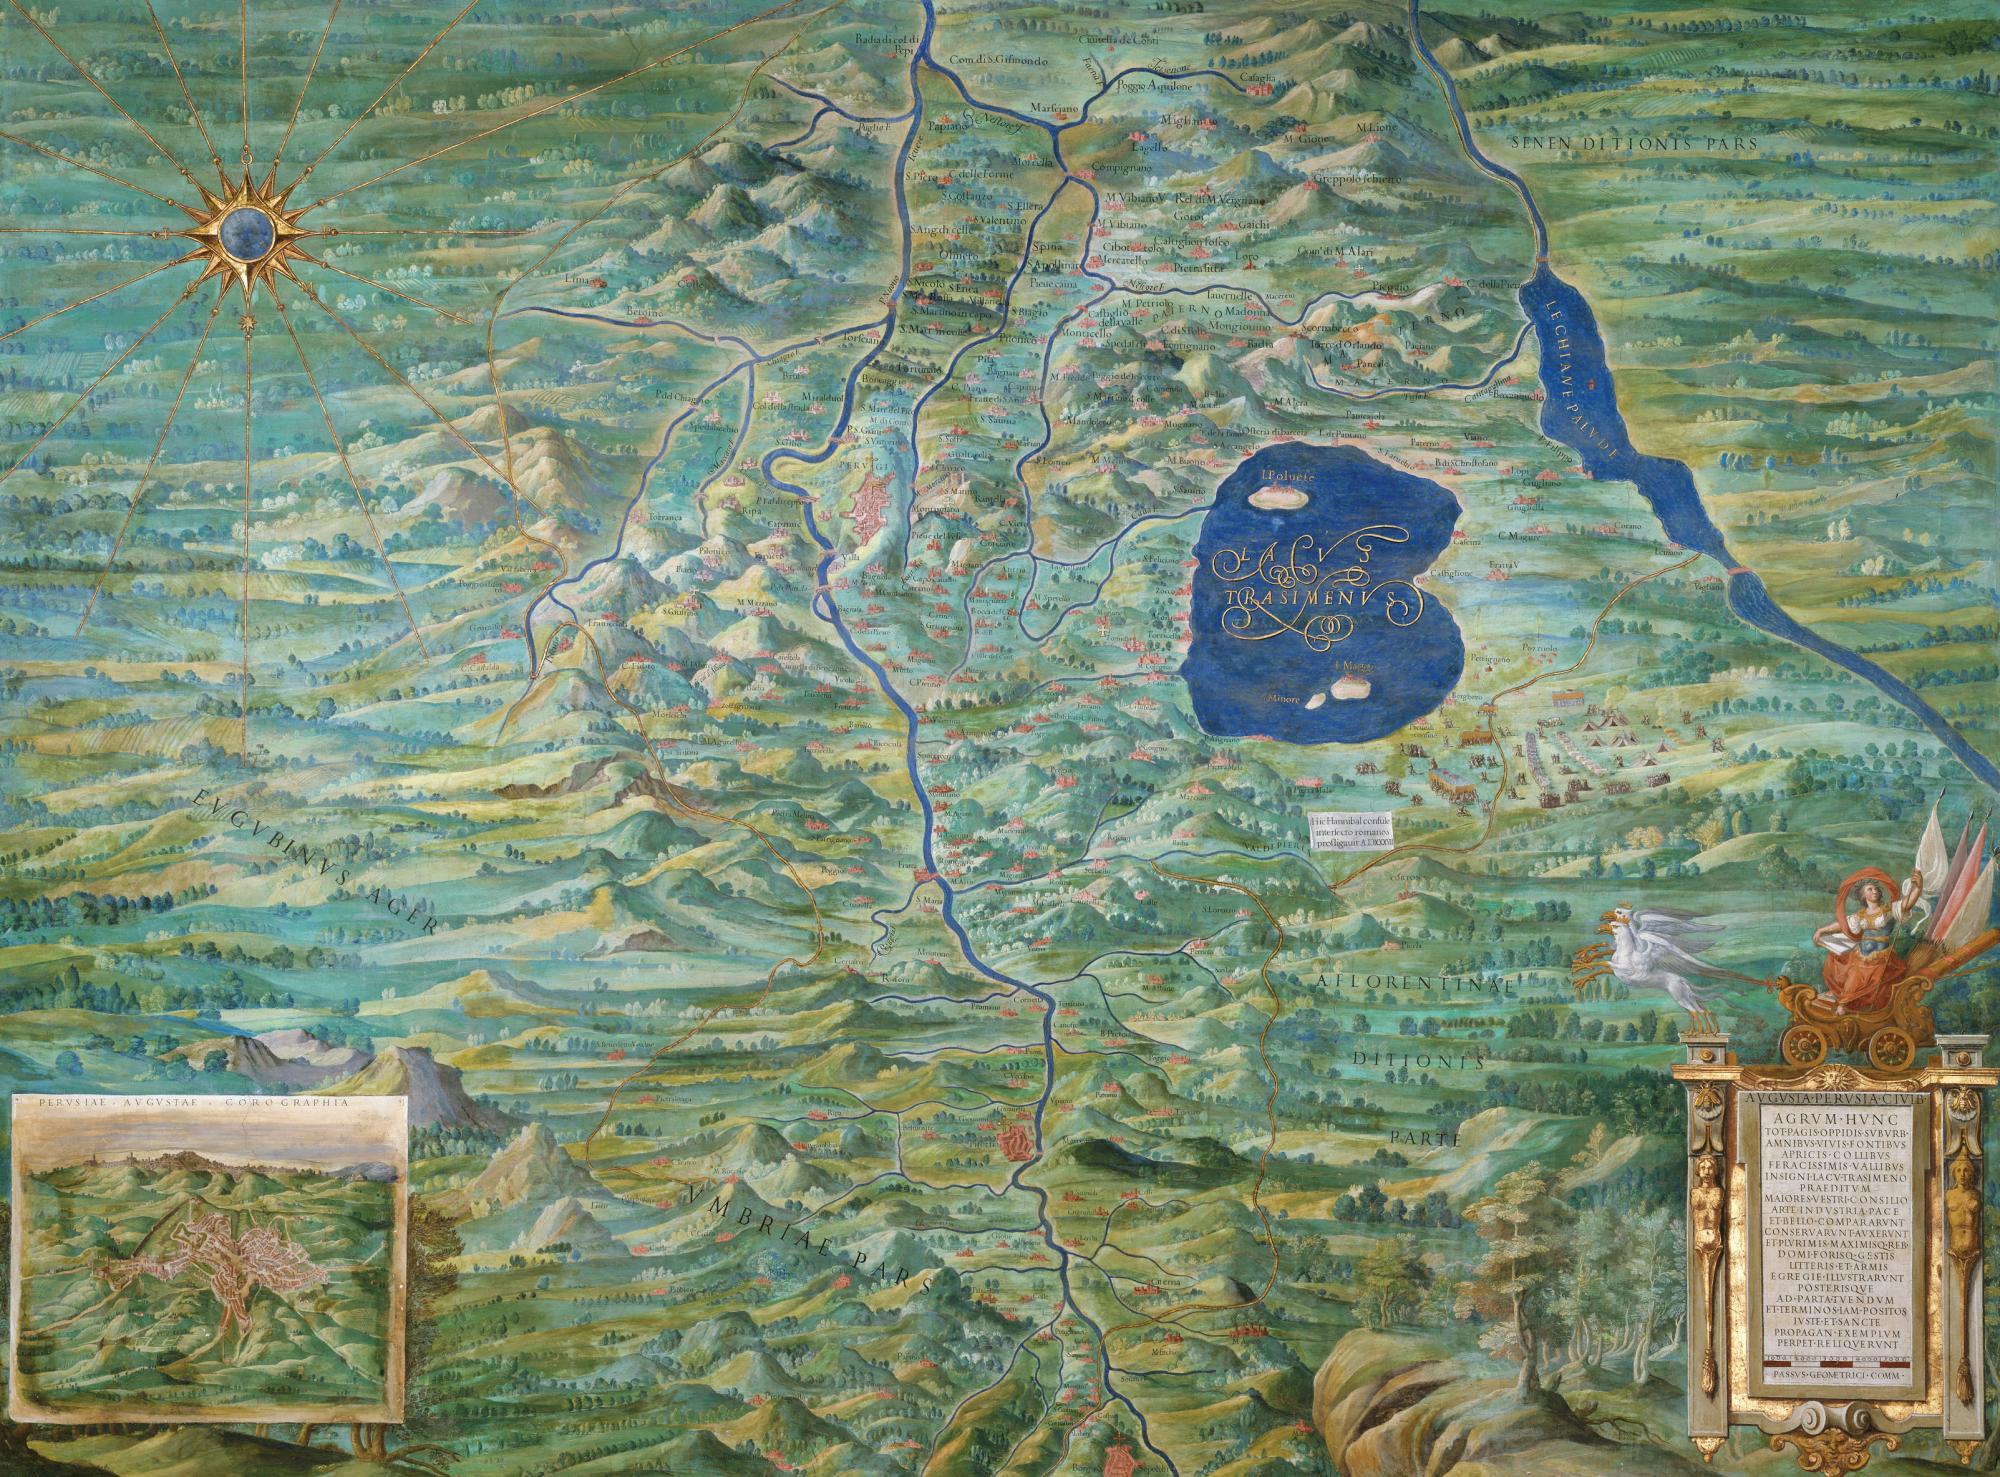 ignazio-danti-agro-perugino-1581-1583-musei-vaticani-galleria-delle-carte-geografiche-foto-scala